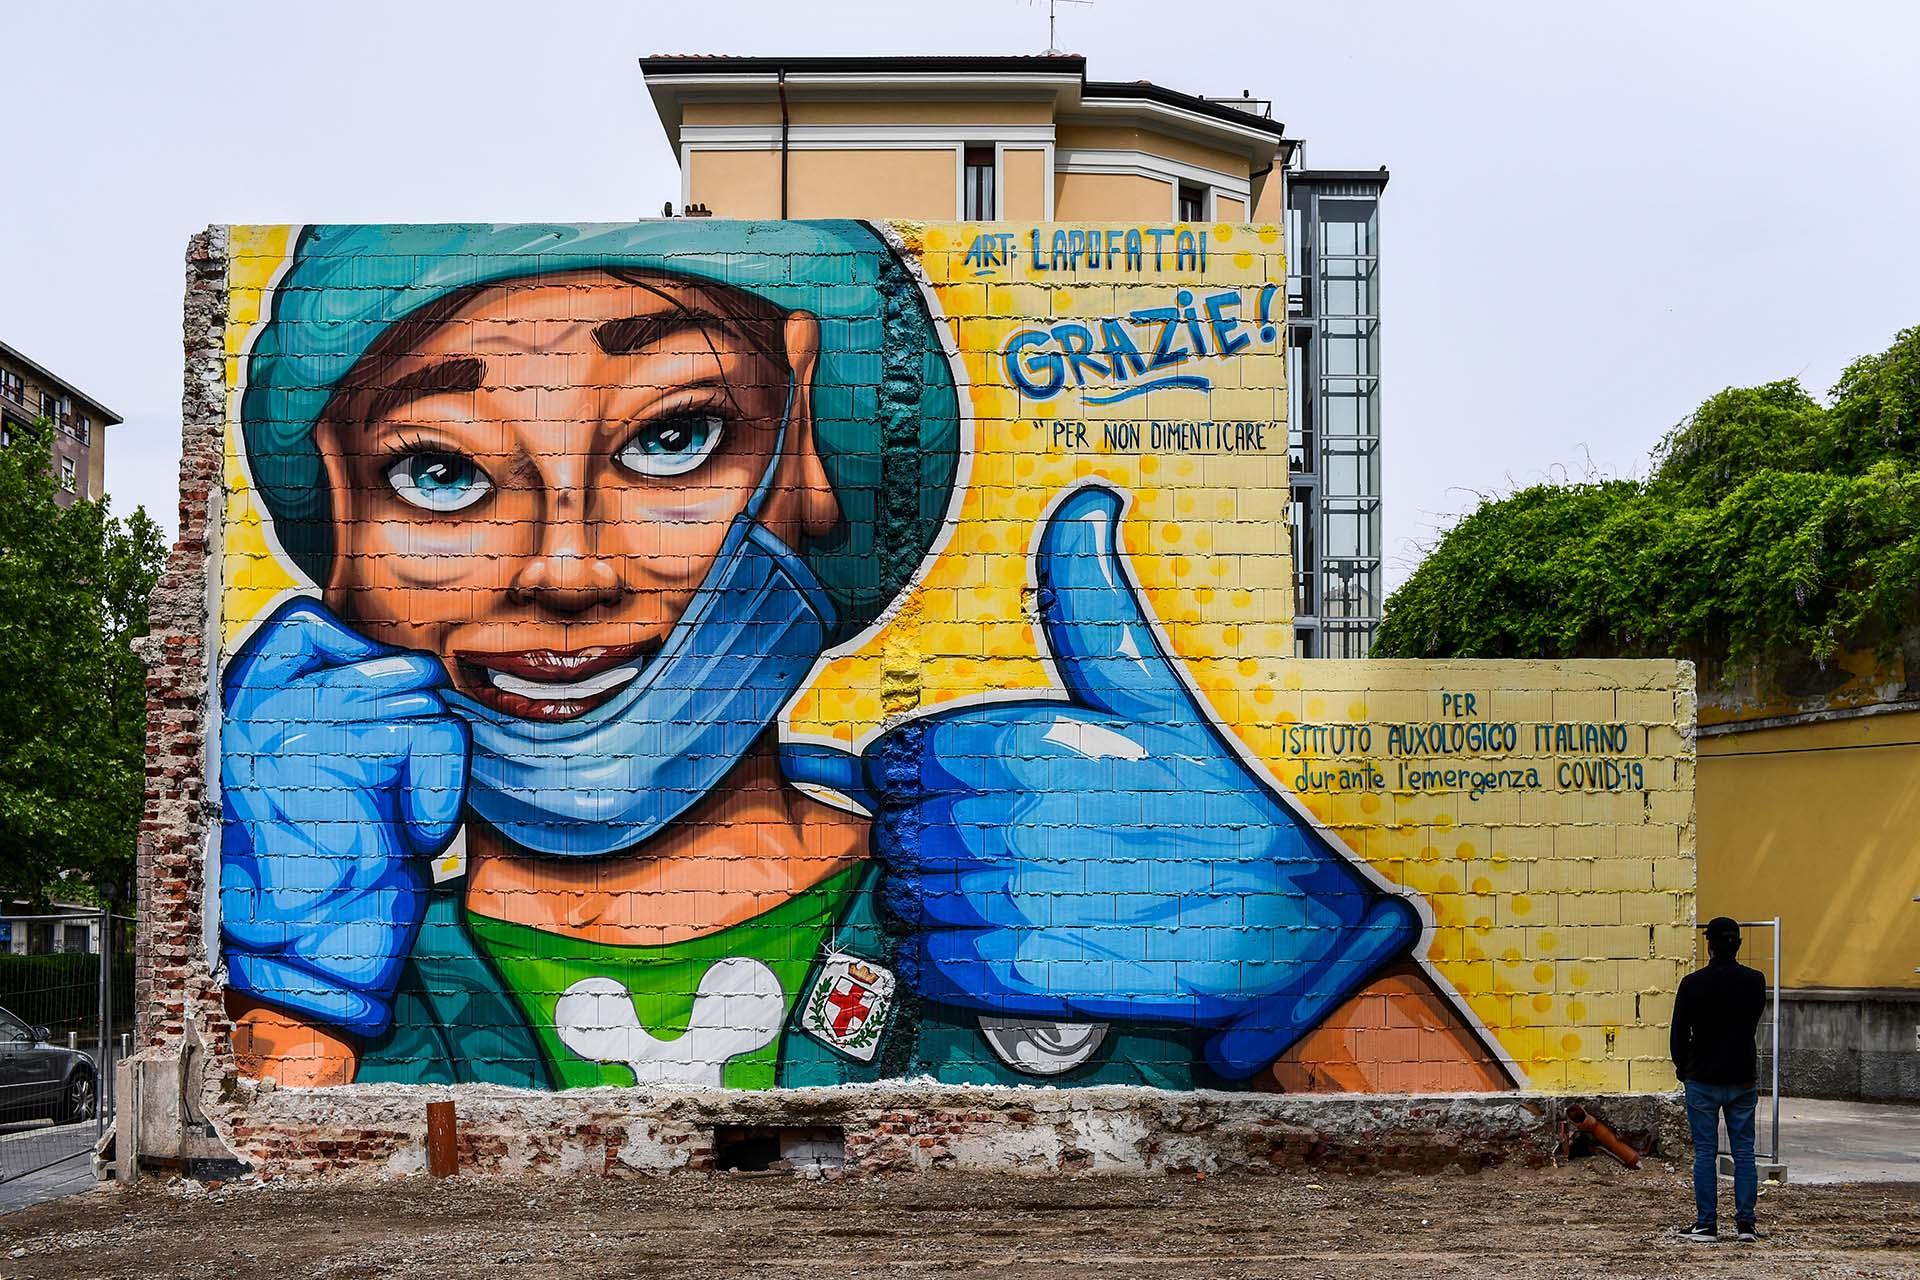 Un mural pintado por el artista callejero Lapo Fatai en honor a los médicos que trabajan en el hospital Auxological San de Milán, Italia,